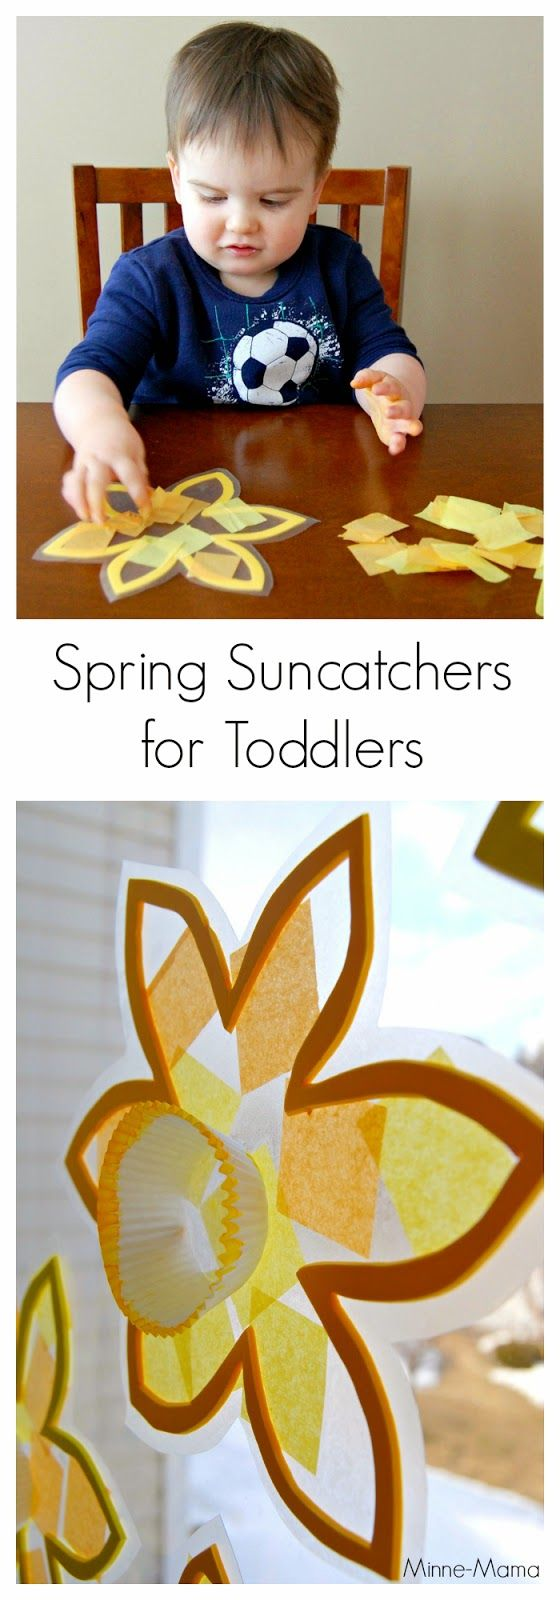 {Gastbeitrag} Kleinkind-Made Frühlingssonnenfänger von Minne-Mama für Spaß zu Hause mit Kids